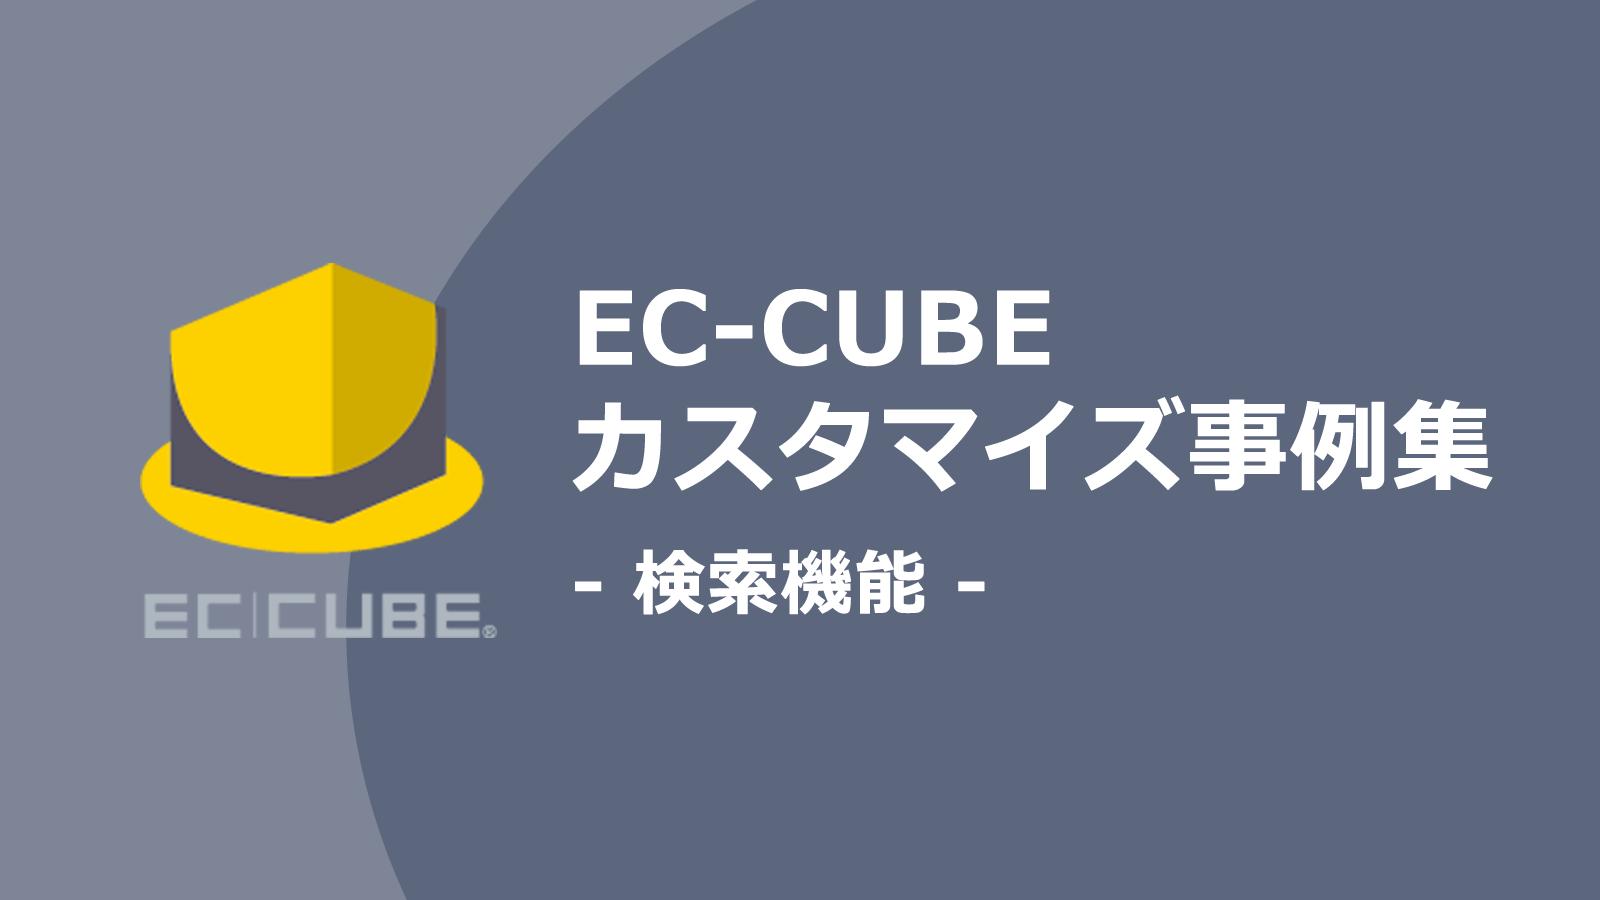 欲しい商品がすぐ見つかば注文率がアップする。検索機能に関するEC-CUBEカスタマイズ事例集